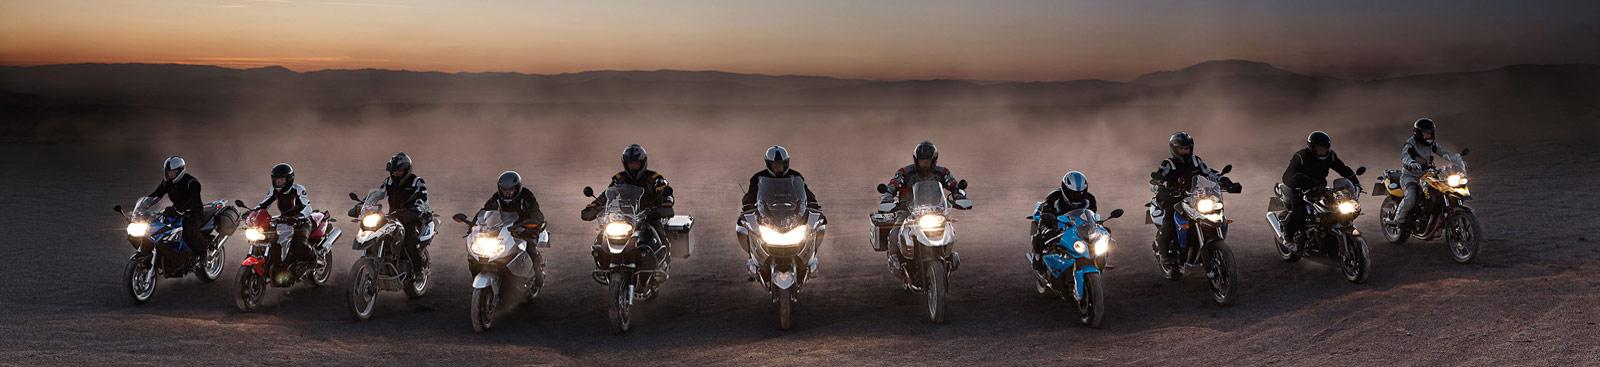 Bachfrieder gebrauchte Motorräder